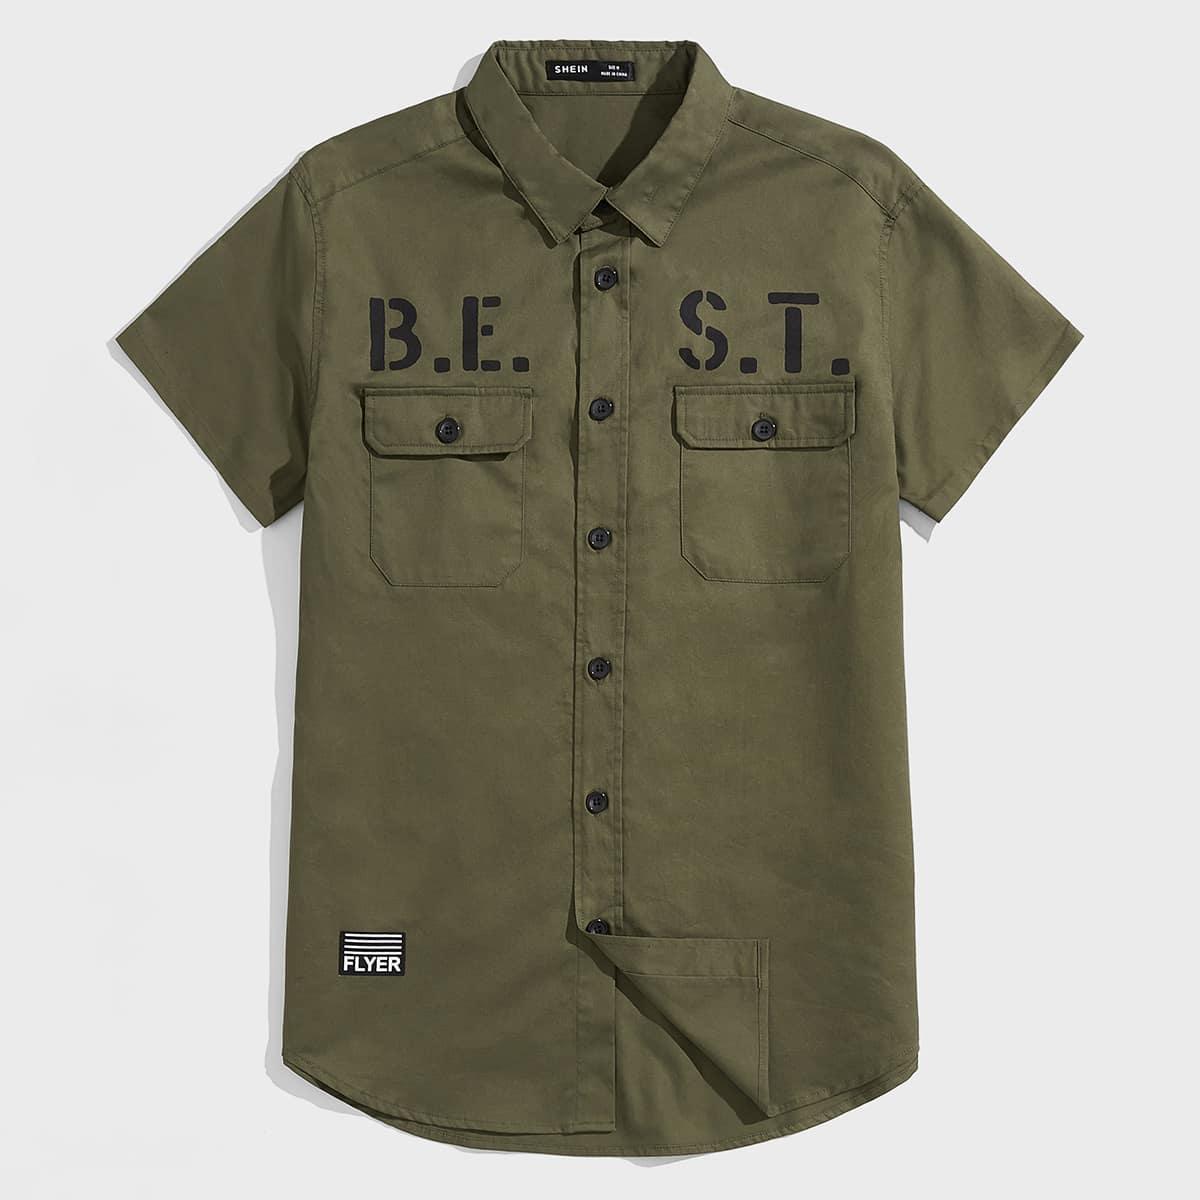 Мужской Рубашка с текстовым принтом с заплатой с карманом